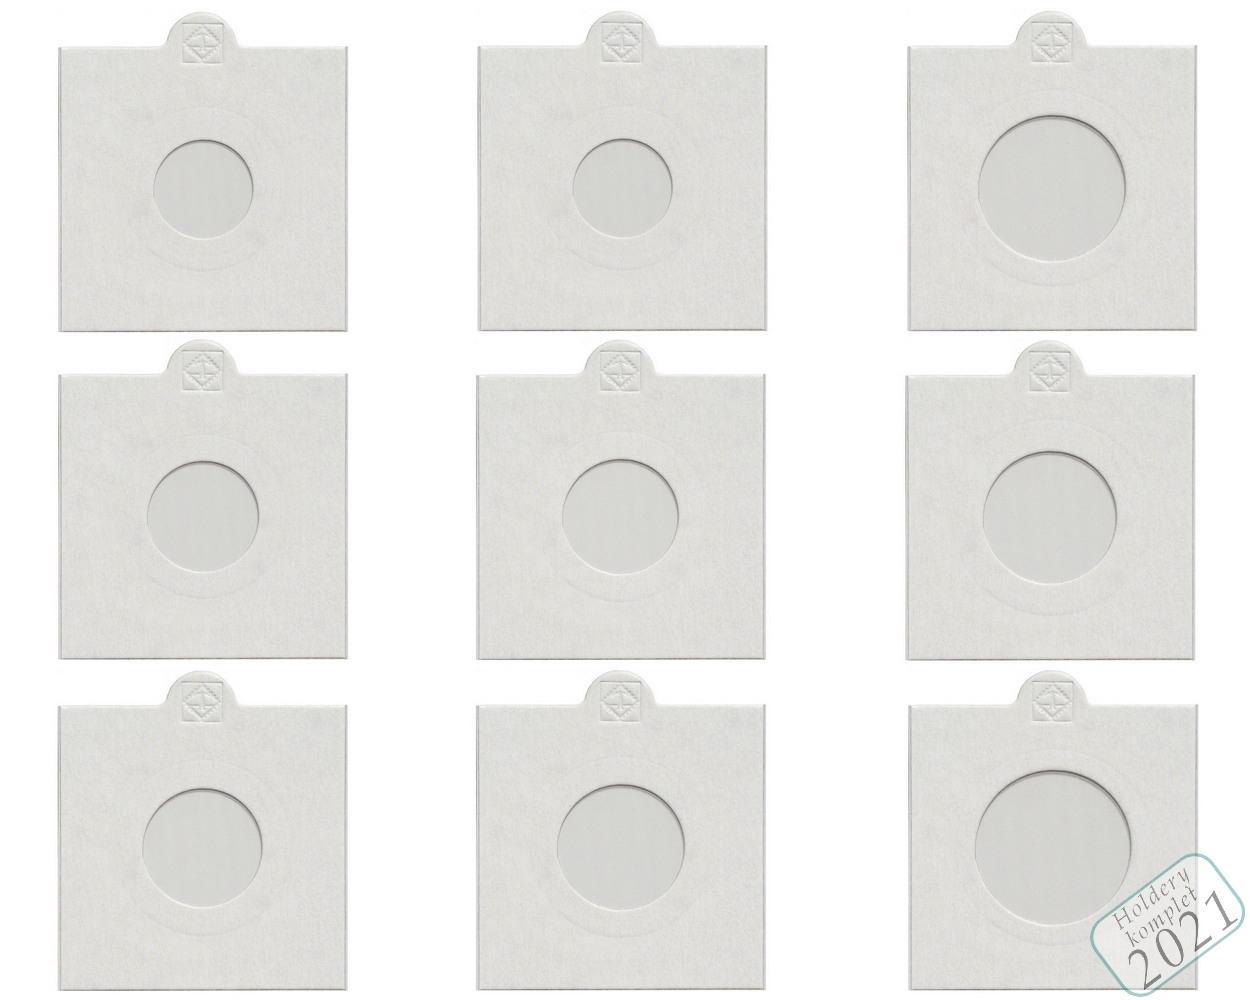 Набор монетоприемников для монет тиража 2021 г. 9 штук